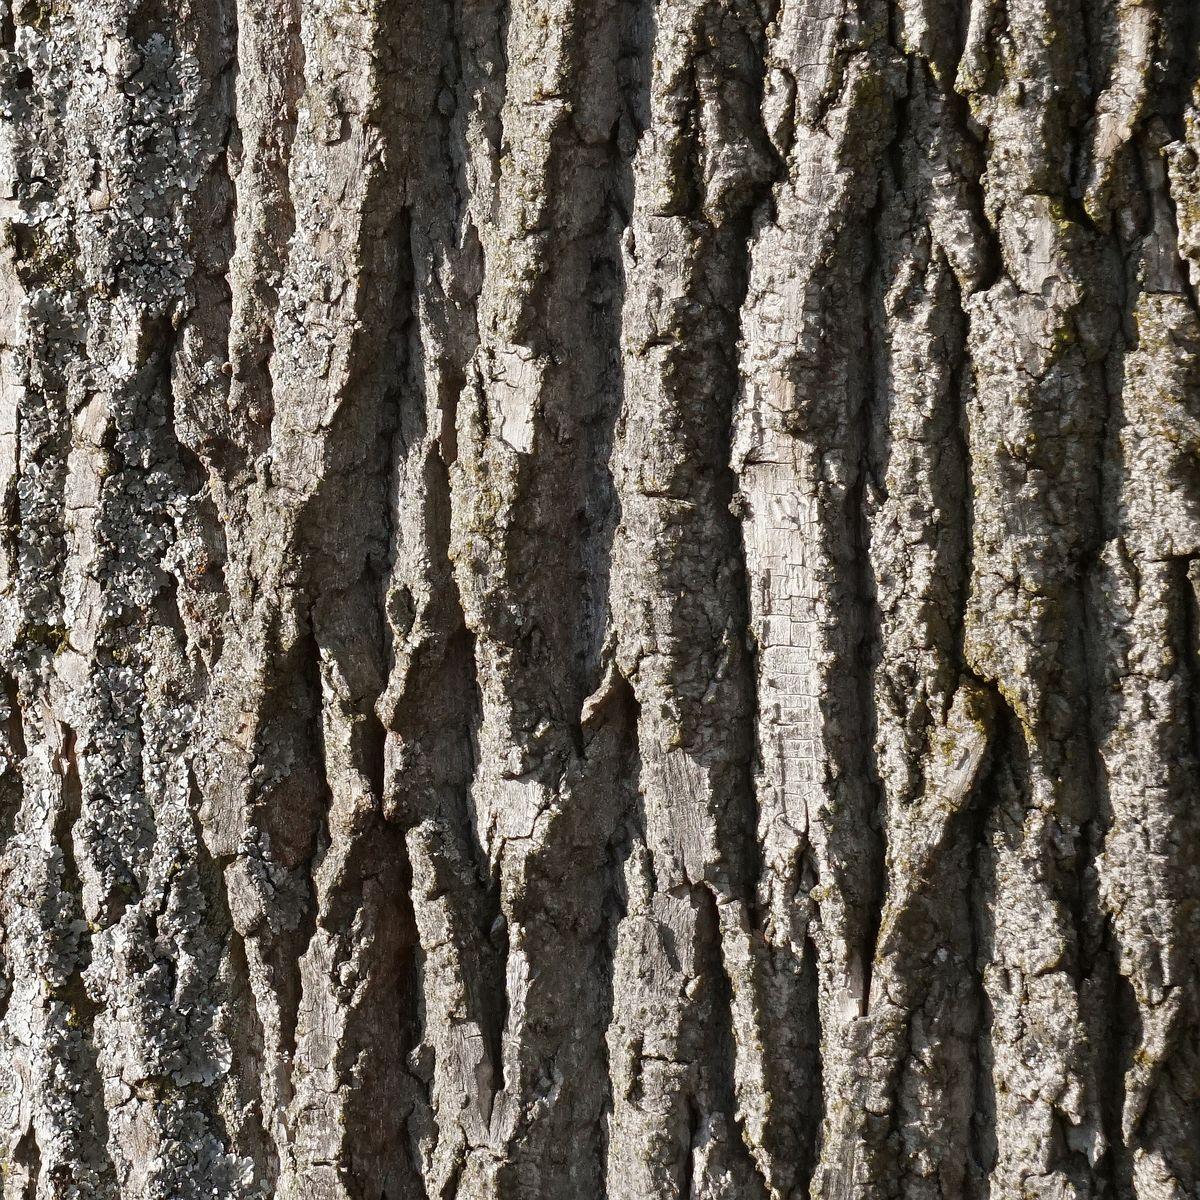 Baumrinde - Die Haut des Baumes